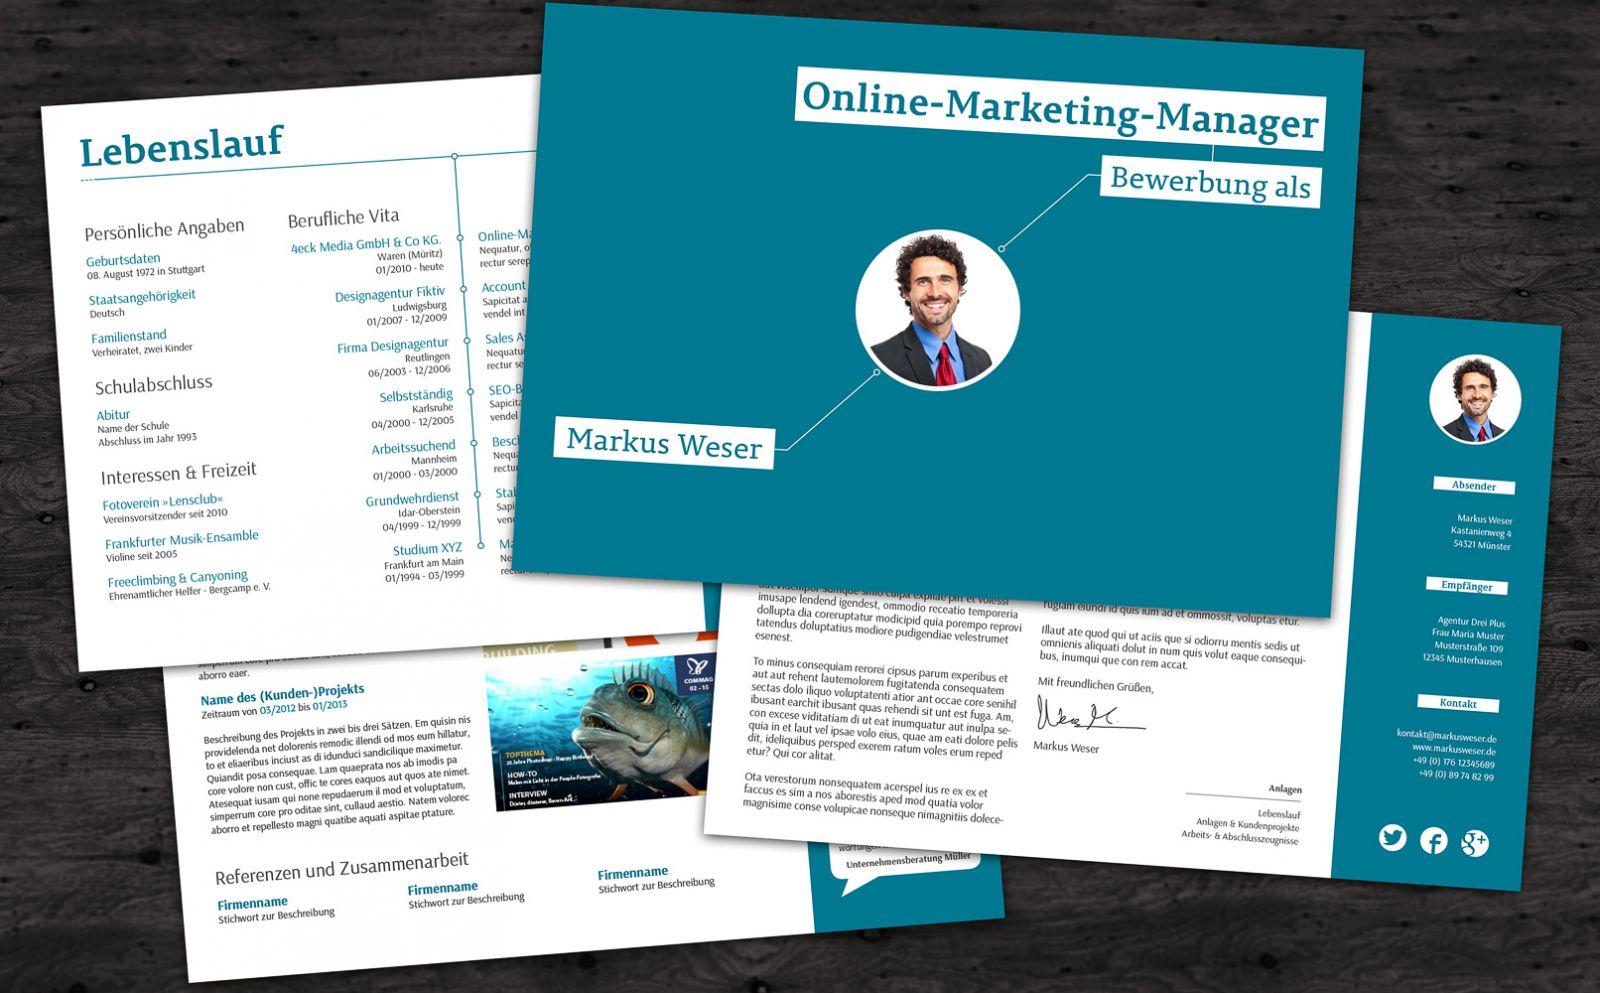 Bewerbungsvorlagen - Online-Marketing-Manager